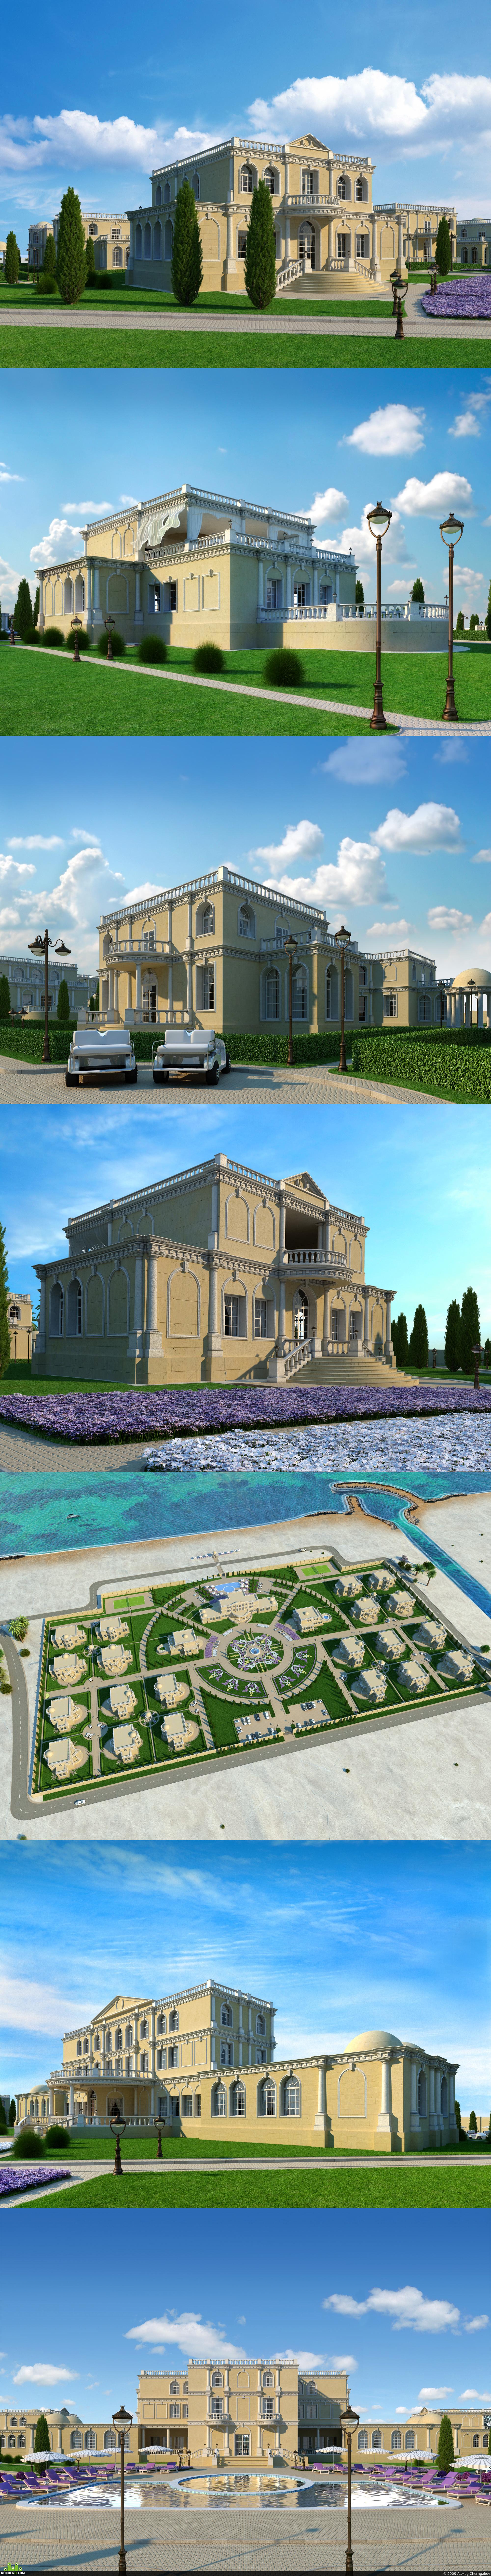 preview Визуализация Коттеджного поселка в городе Эйлат, Израиль.